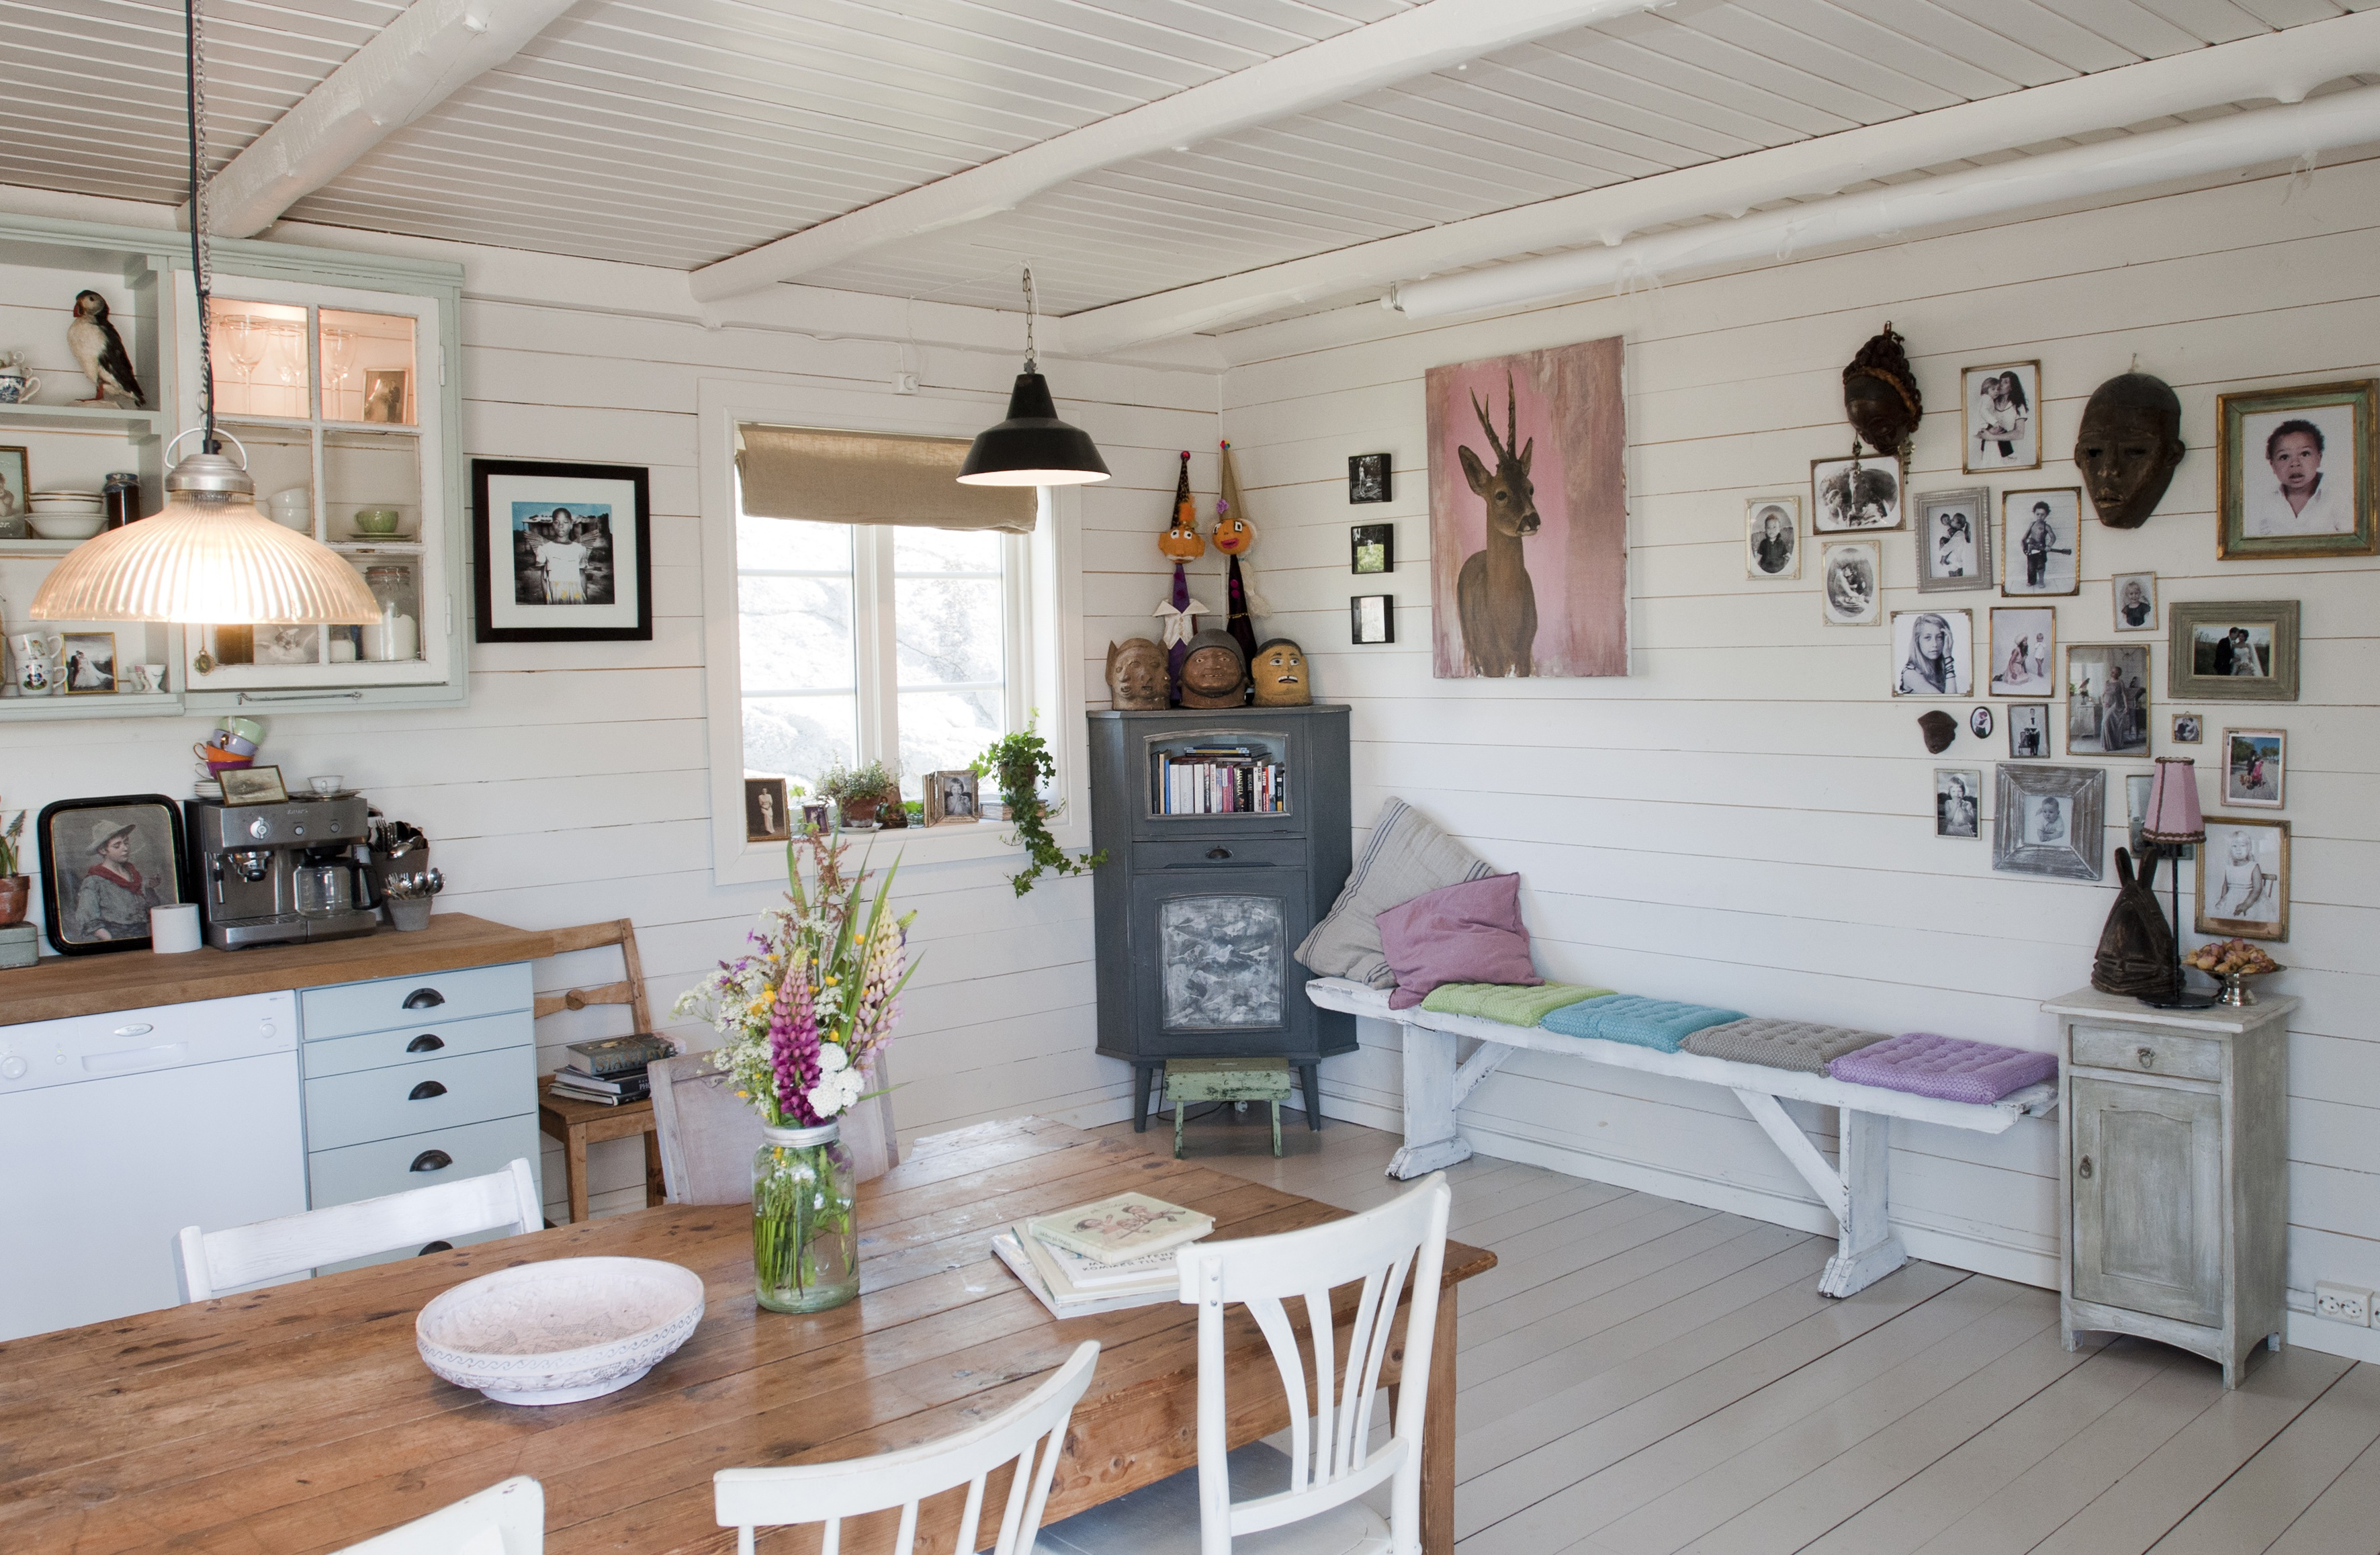 Bes k monas eventyrhus i larvik for Casa shabby chic moderna